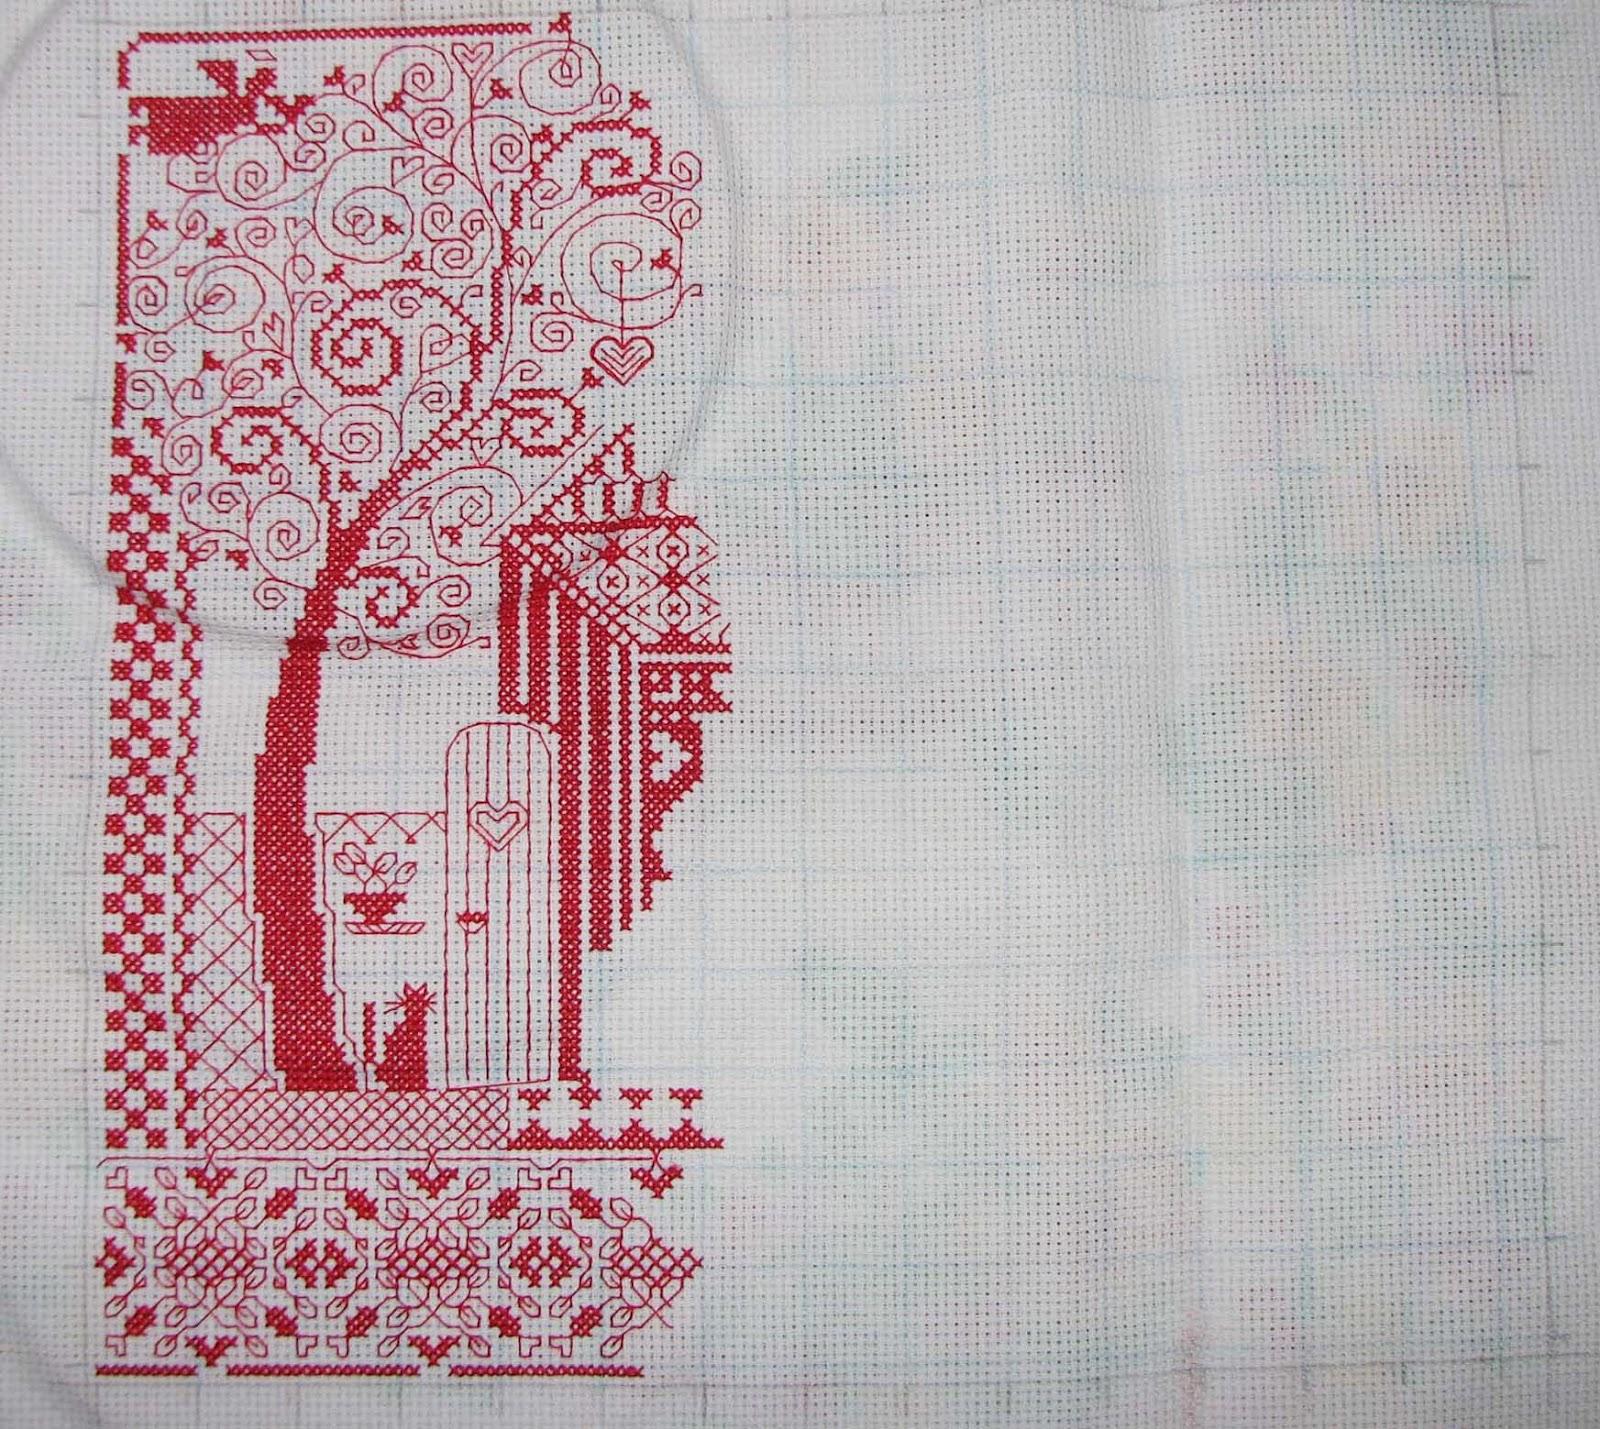 Вышивка схема вышивки домашнего оберега 884